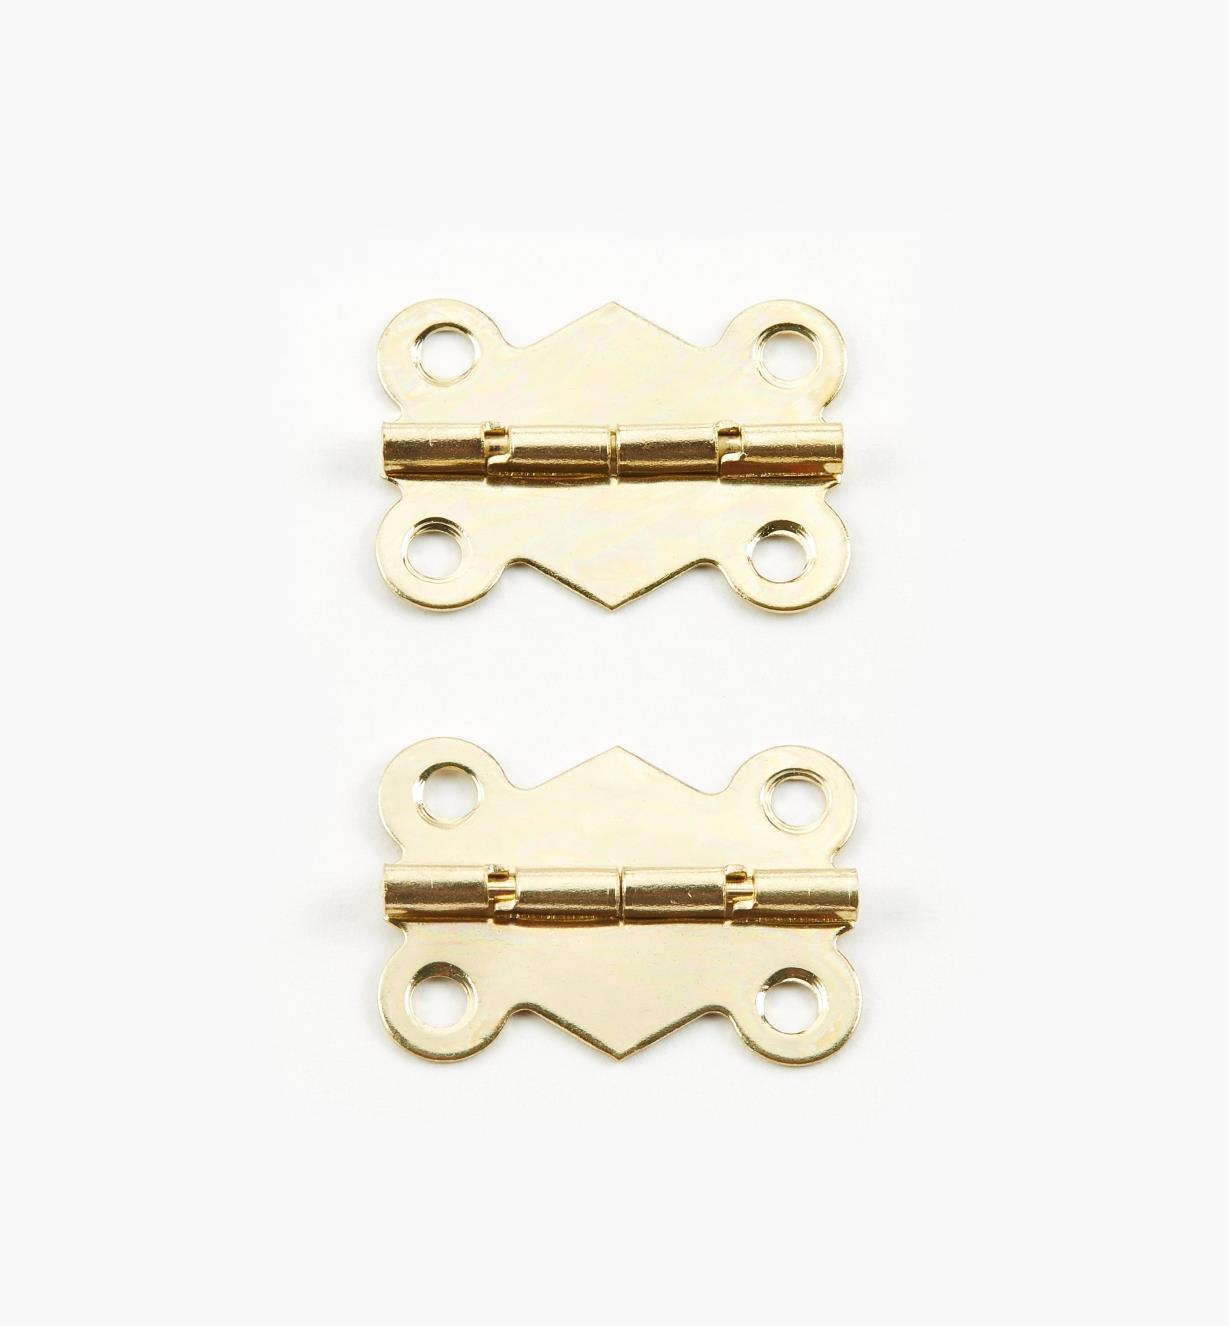 00D8010 - Charnières décoratives à butée, 25 mm x 19 mm, lapaire